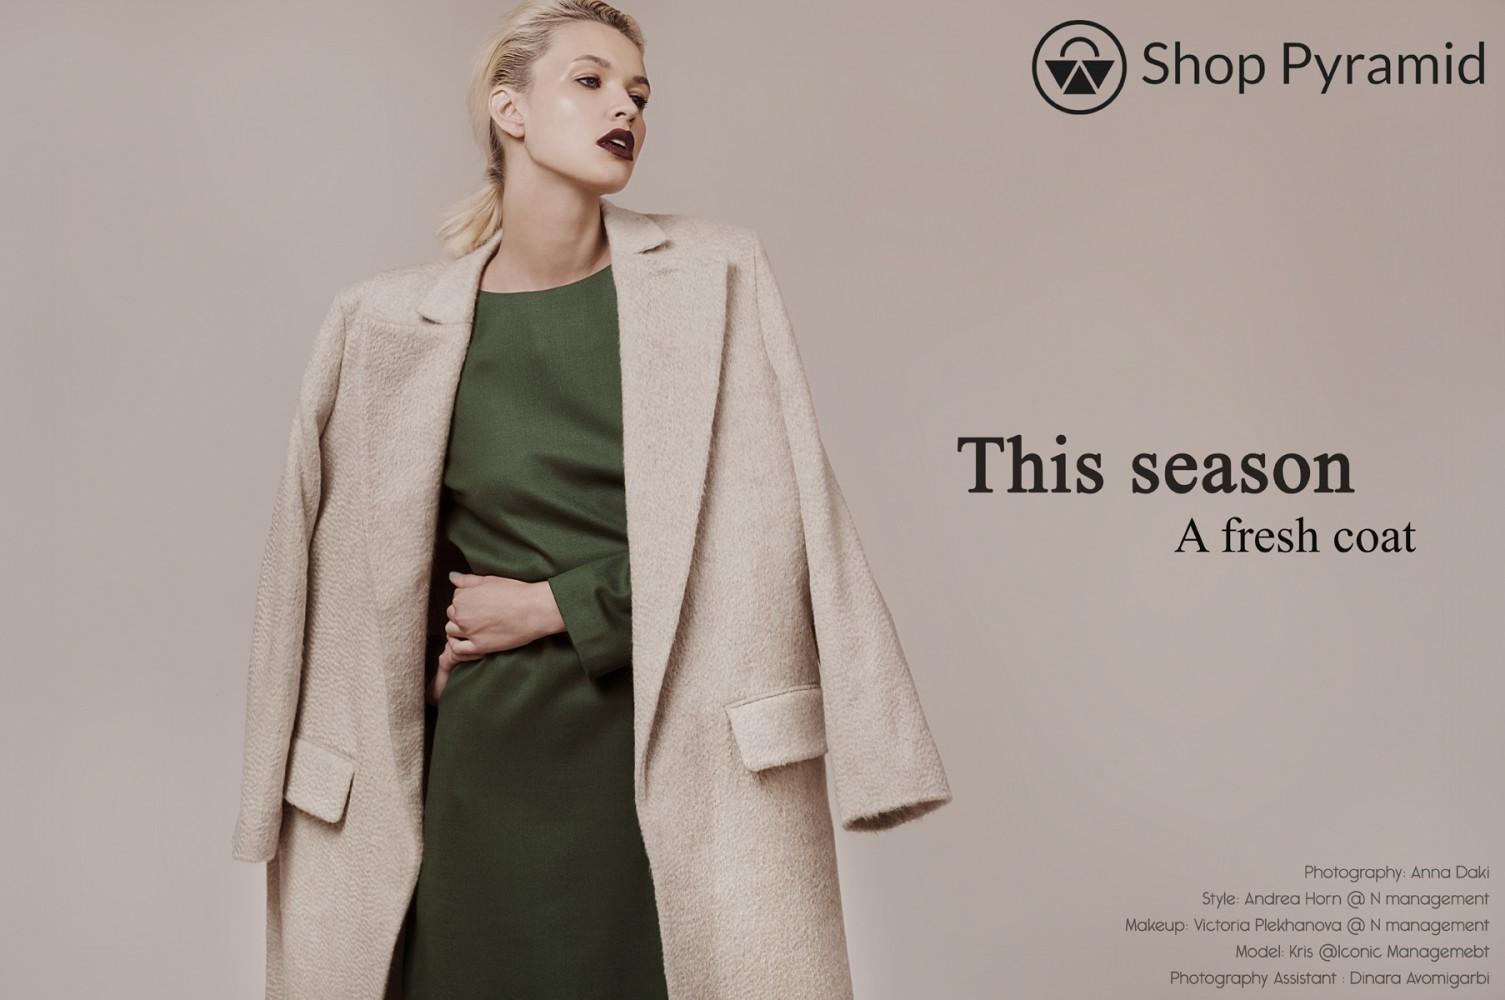 Shoppyramid AW15 Campaign D2-64486a5 copy copy